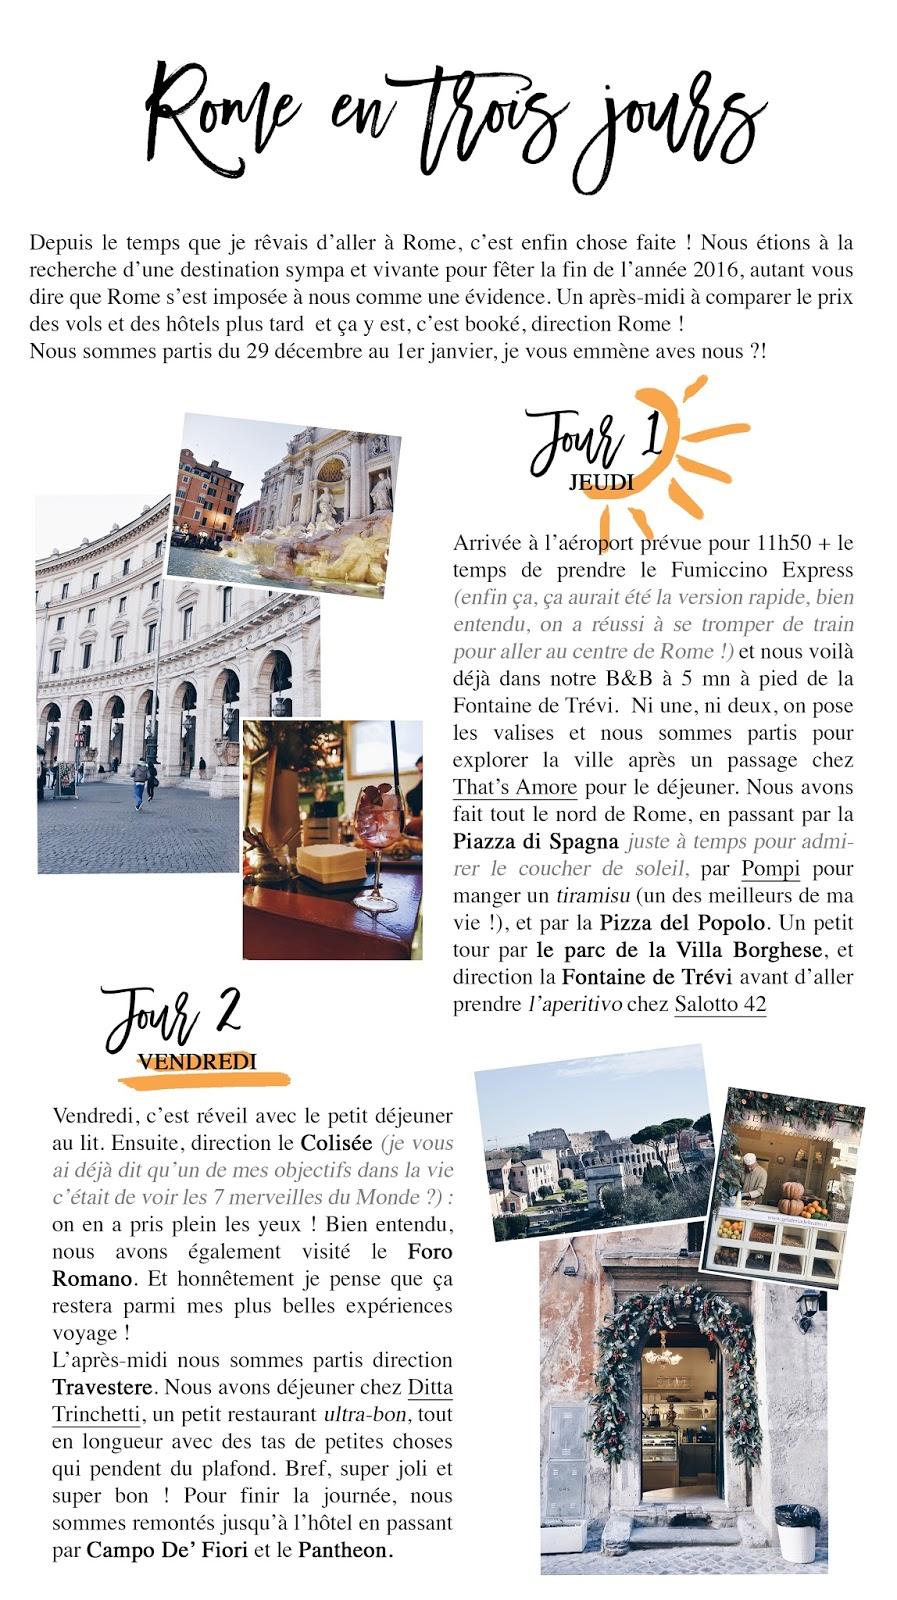 Voyage rome en trois jours lucile in wonderland lucileinwonderland fontaine de trévi colisée colosseum